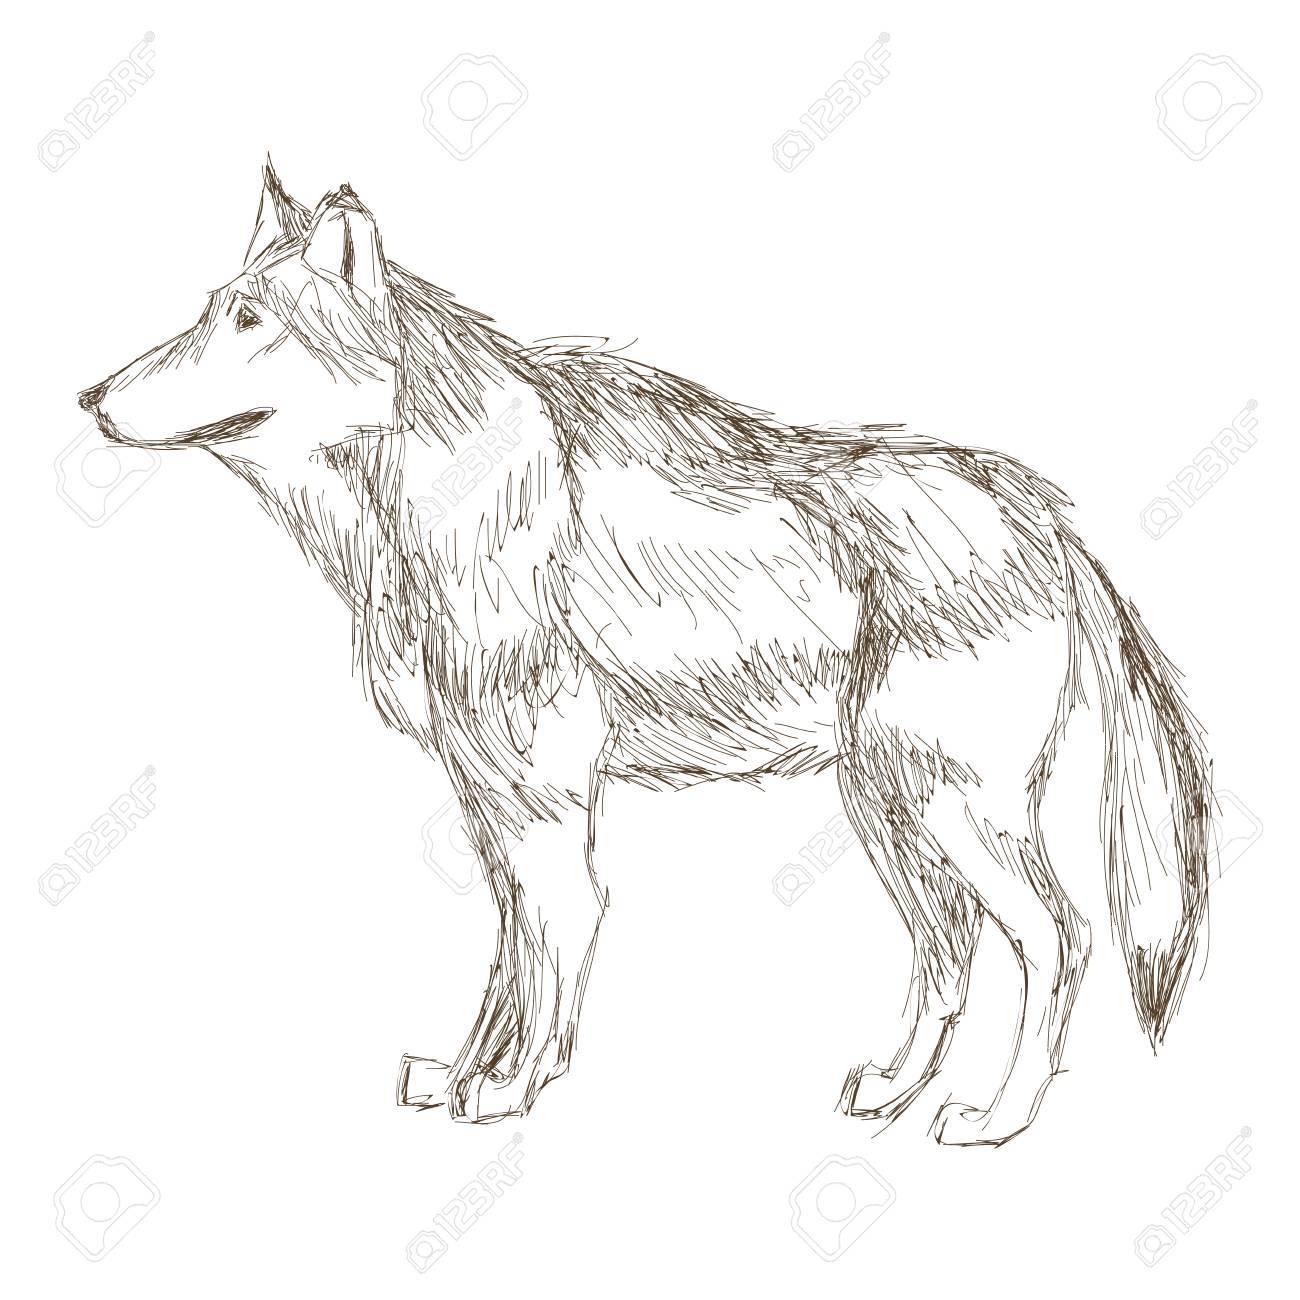 シンプルなフラット デザイン狼横顔スケッチ アイコン ベクトル イラスト